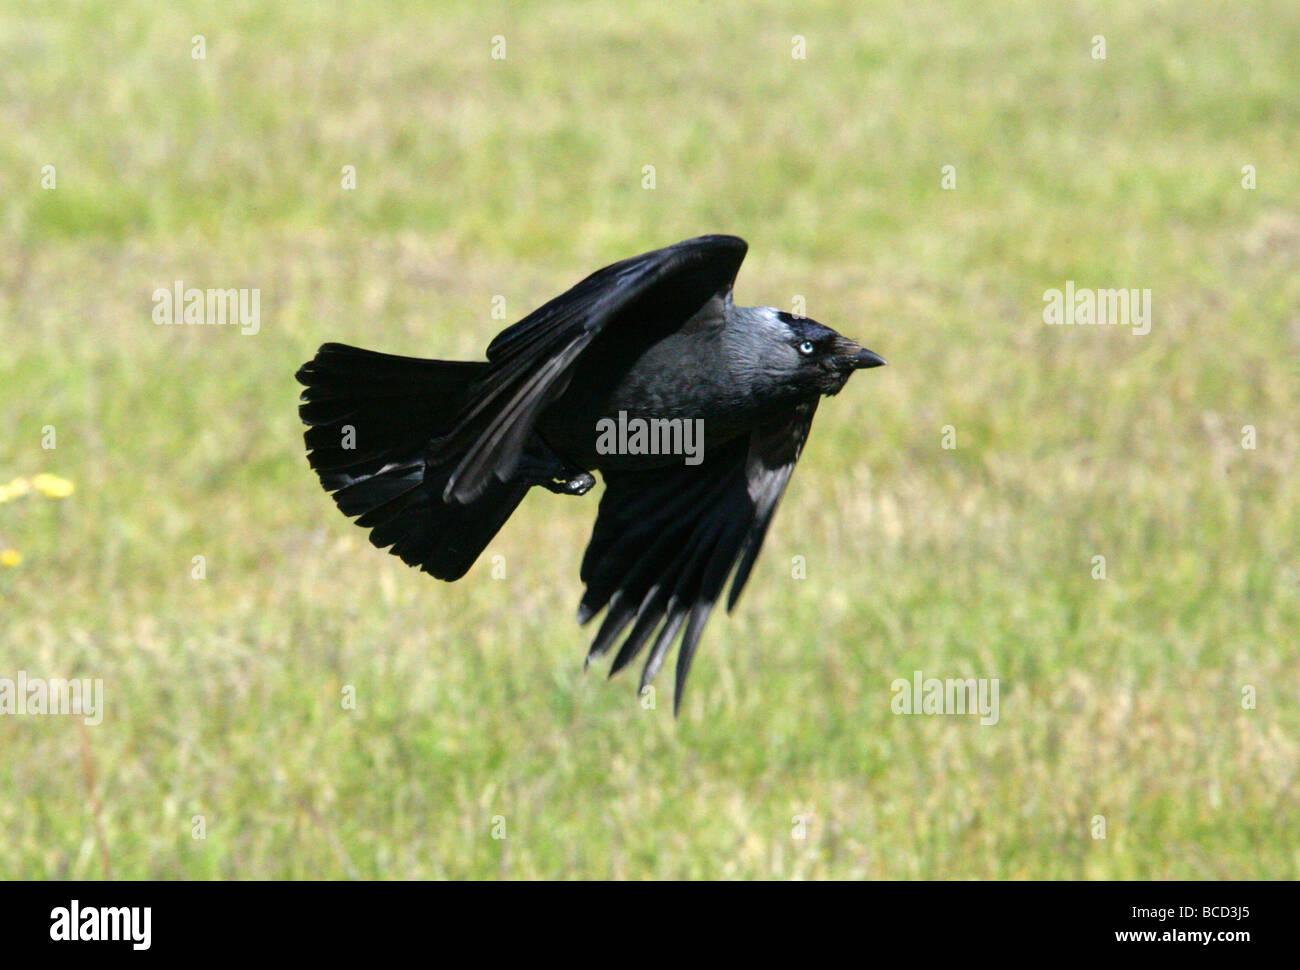 Dohle, Corvus Monedula, gefüttert. Stockbild